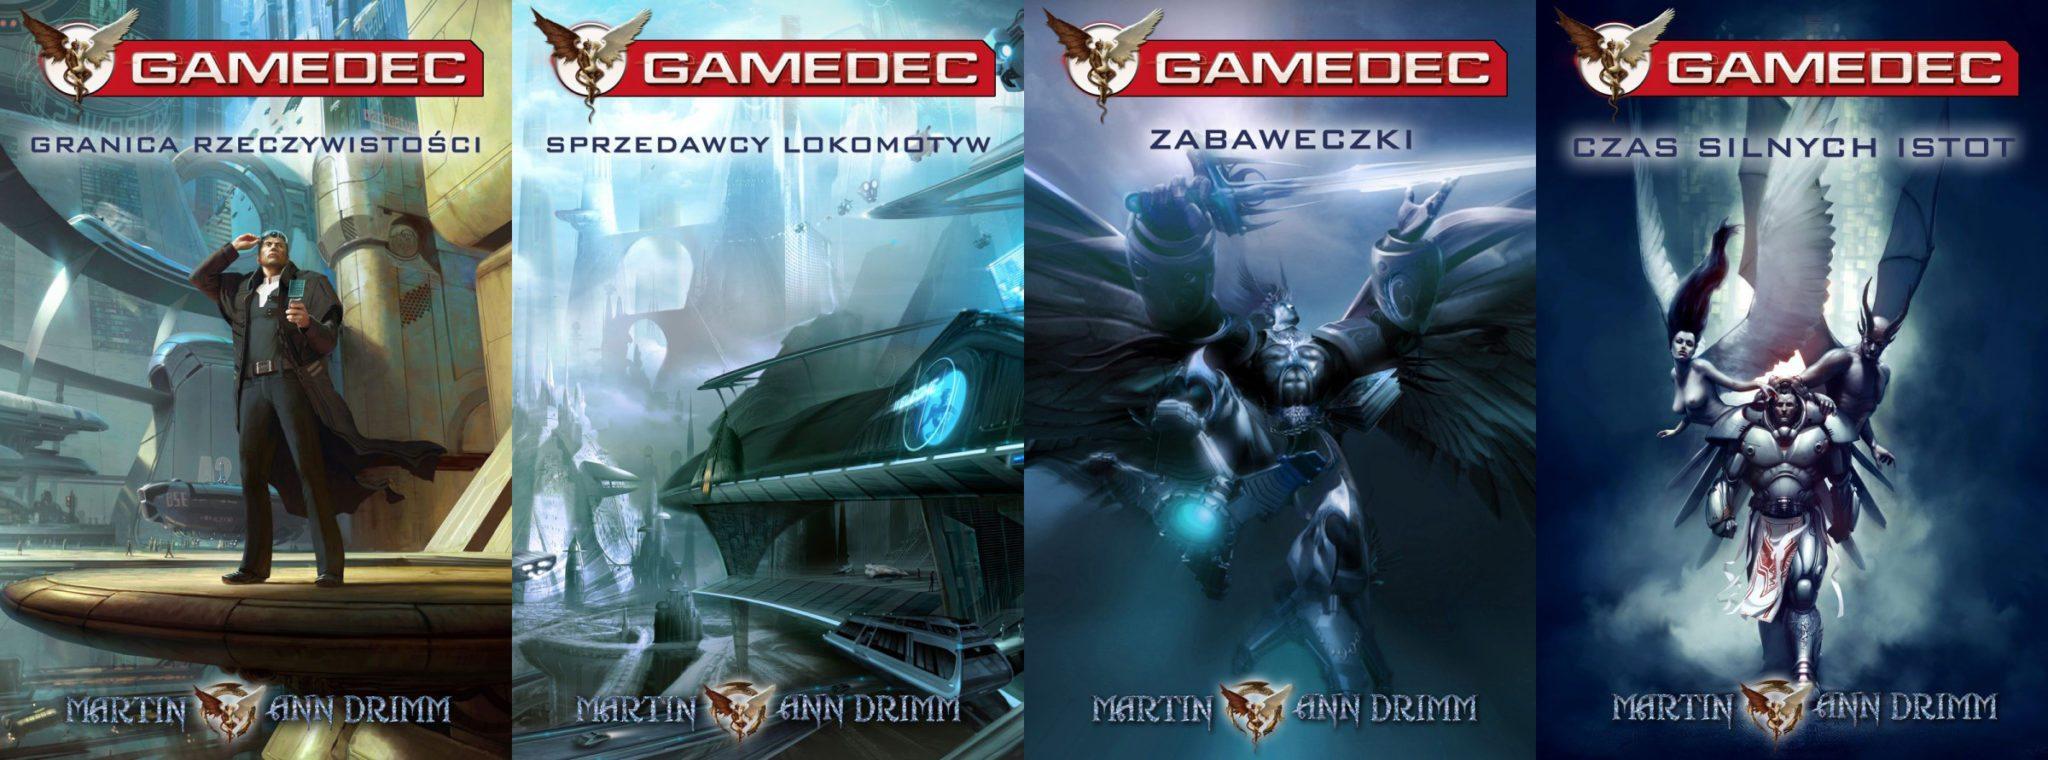 saga-gamedec